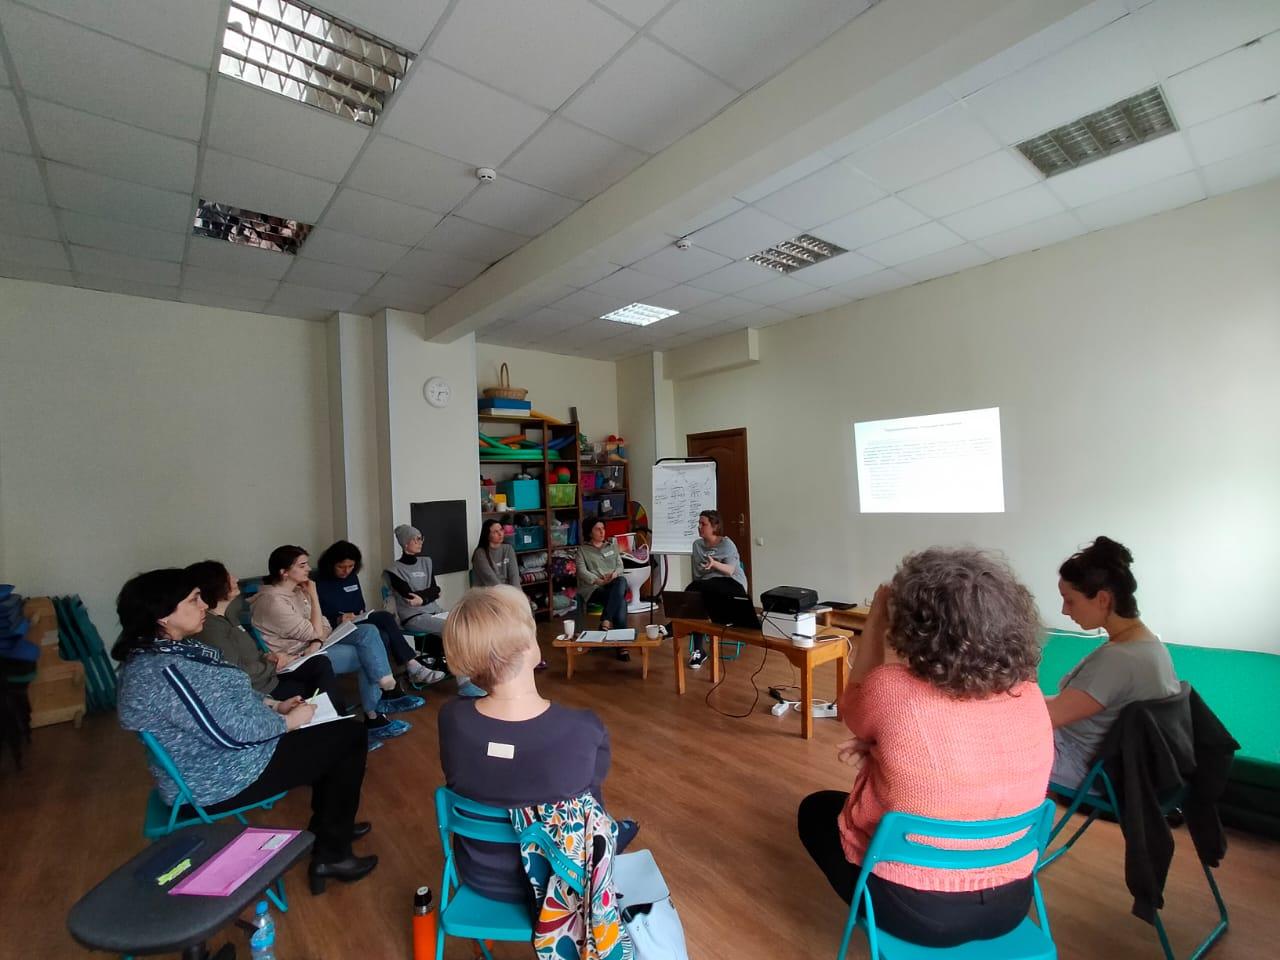 описание изображения Москва, Киров, Нижний Новгород: как прошёл тренинг-семинар для специалистов